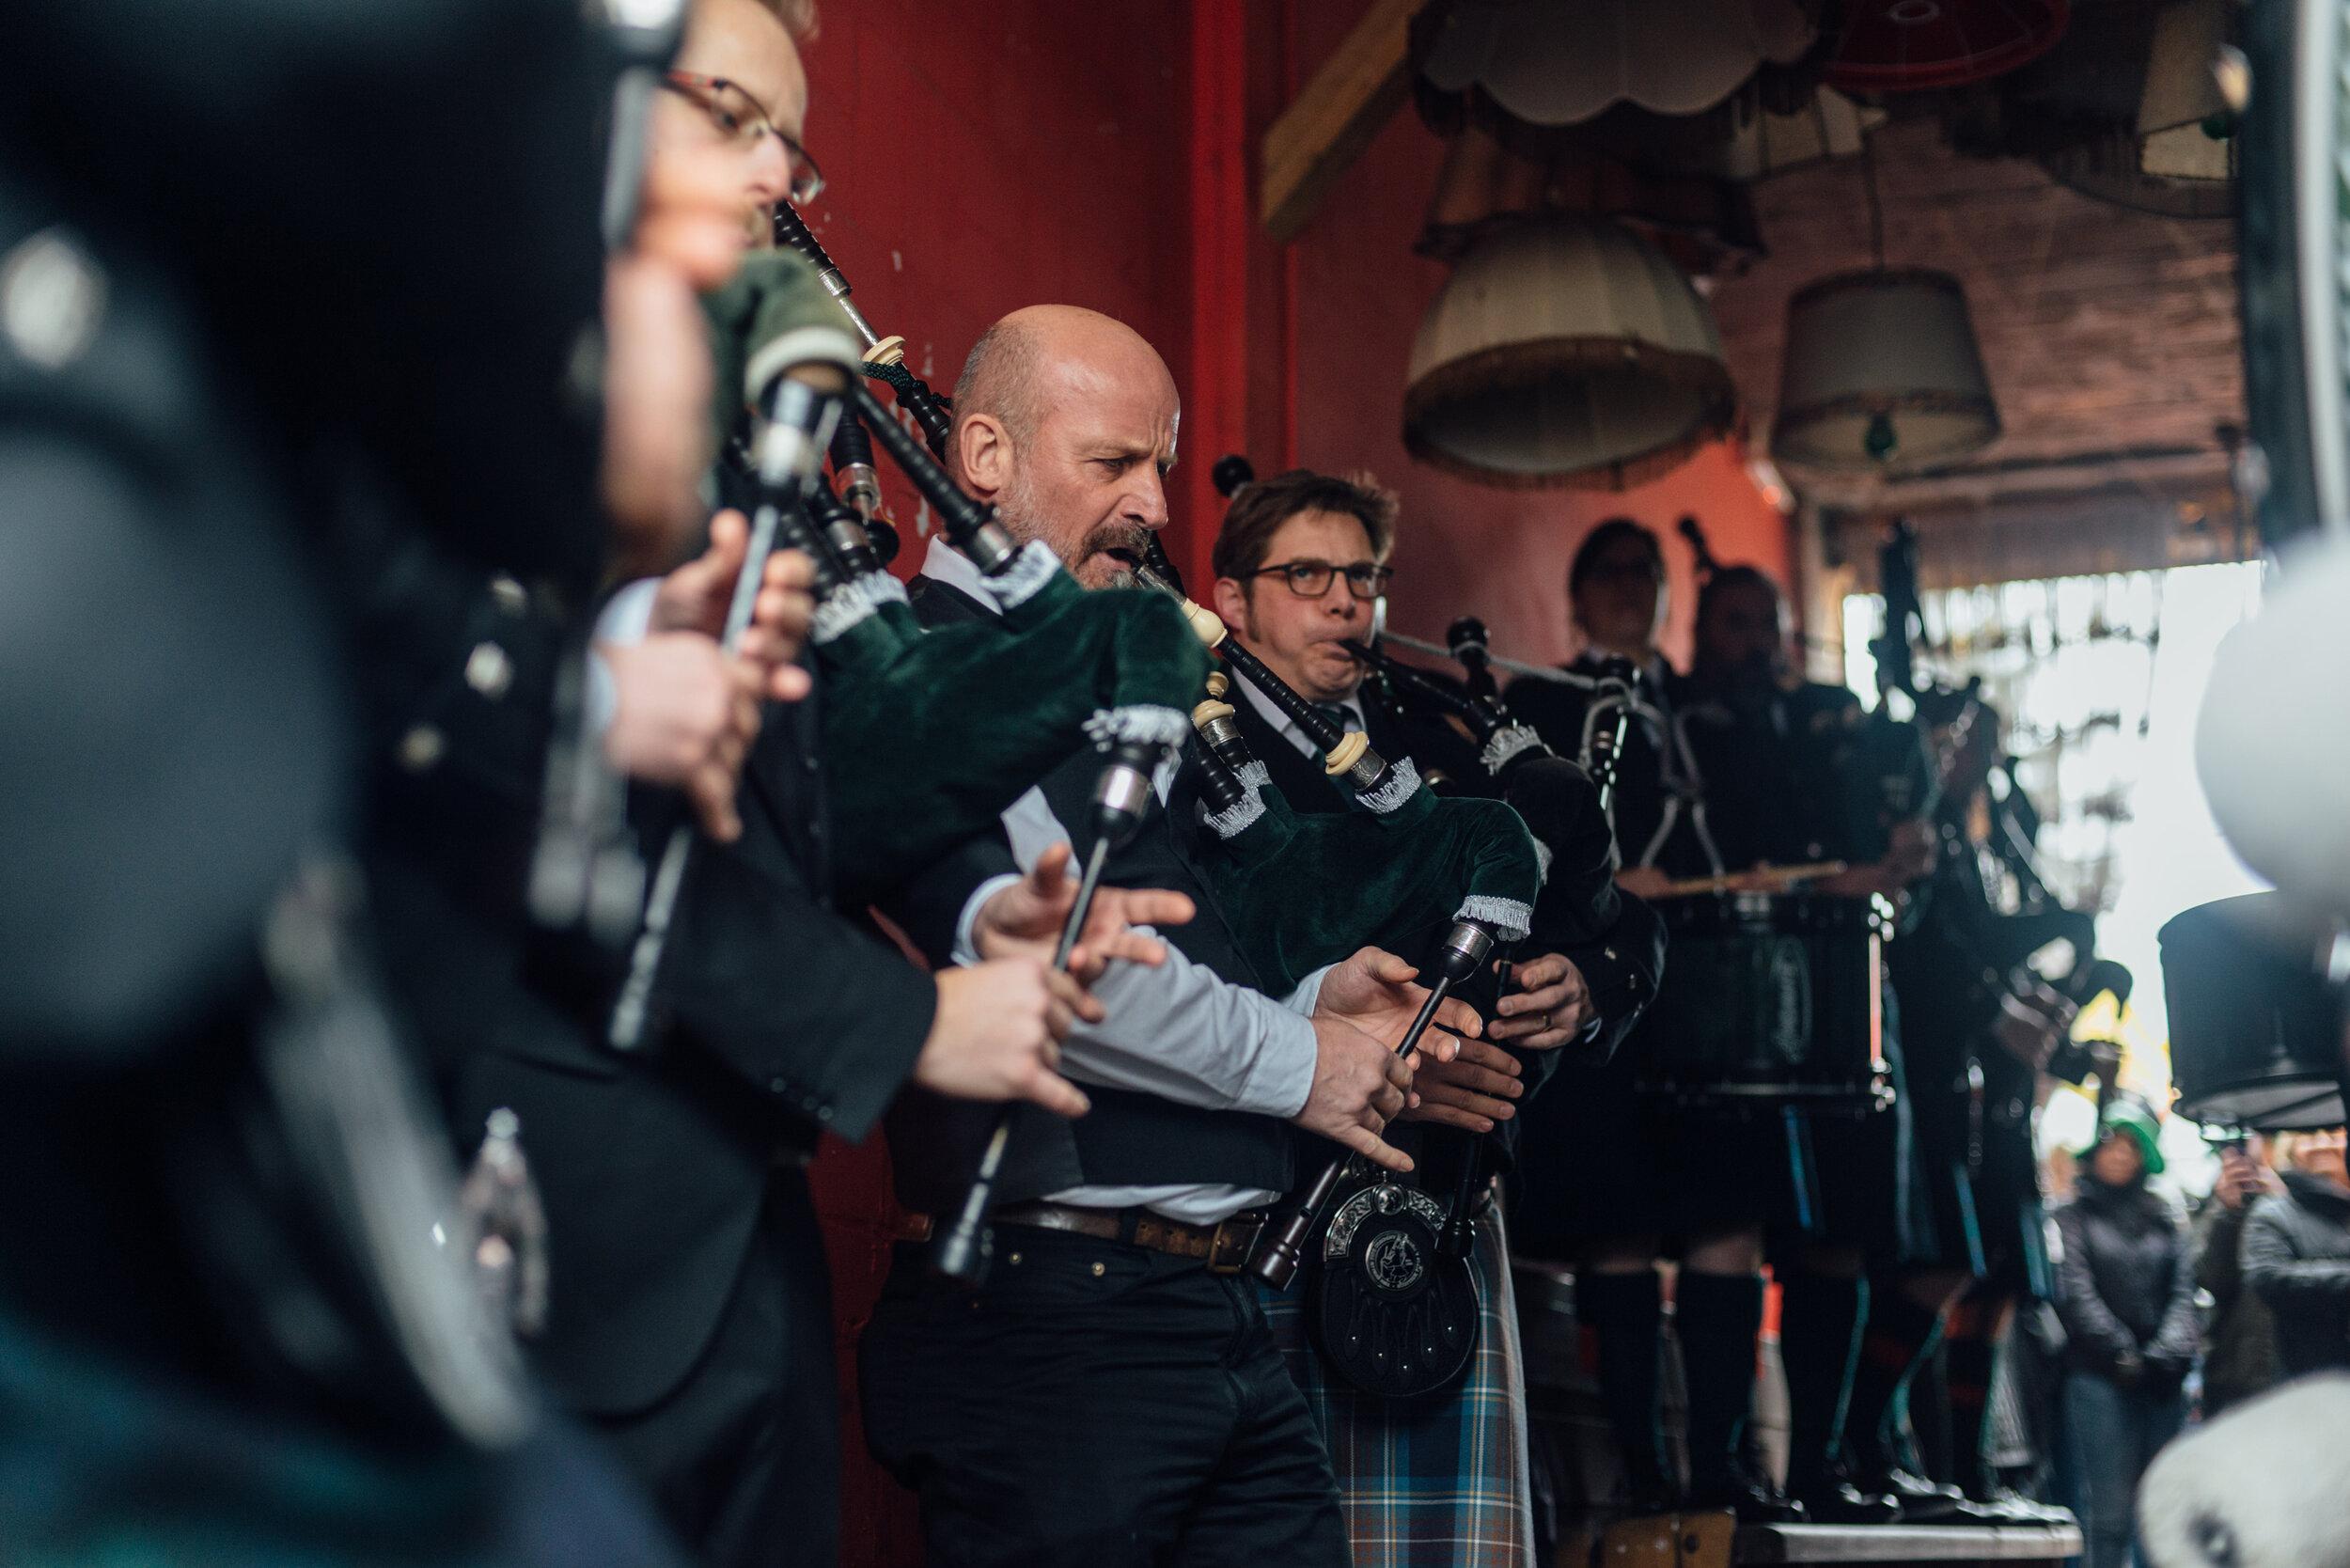 St. Patrick's Festival Berlin 2019 © Camille Blake-6.jpg